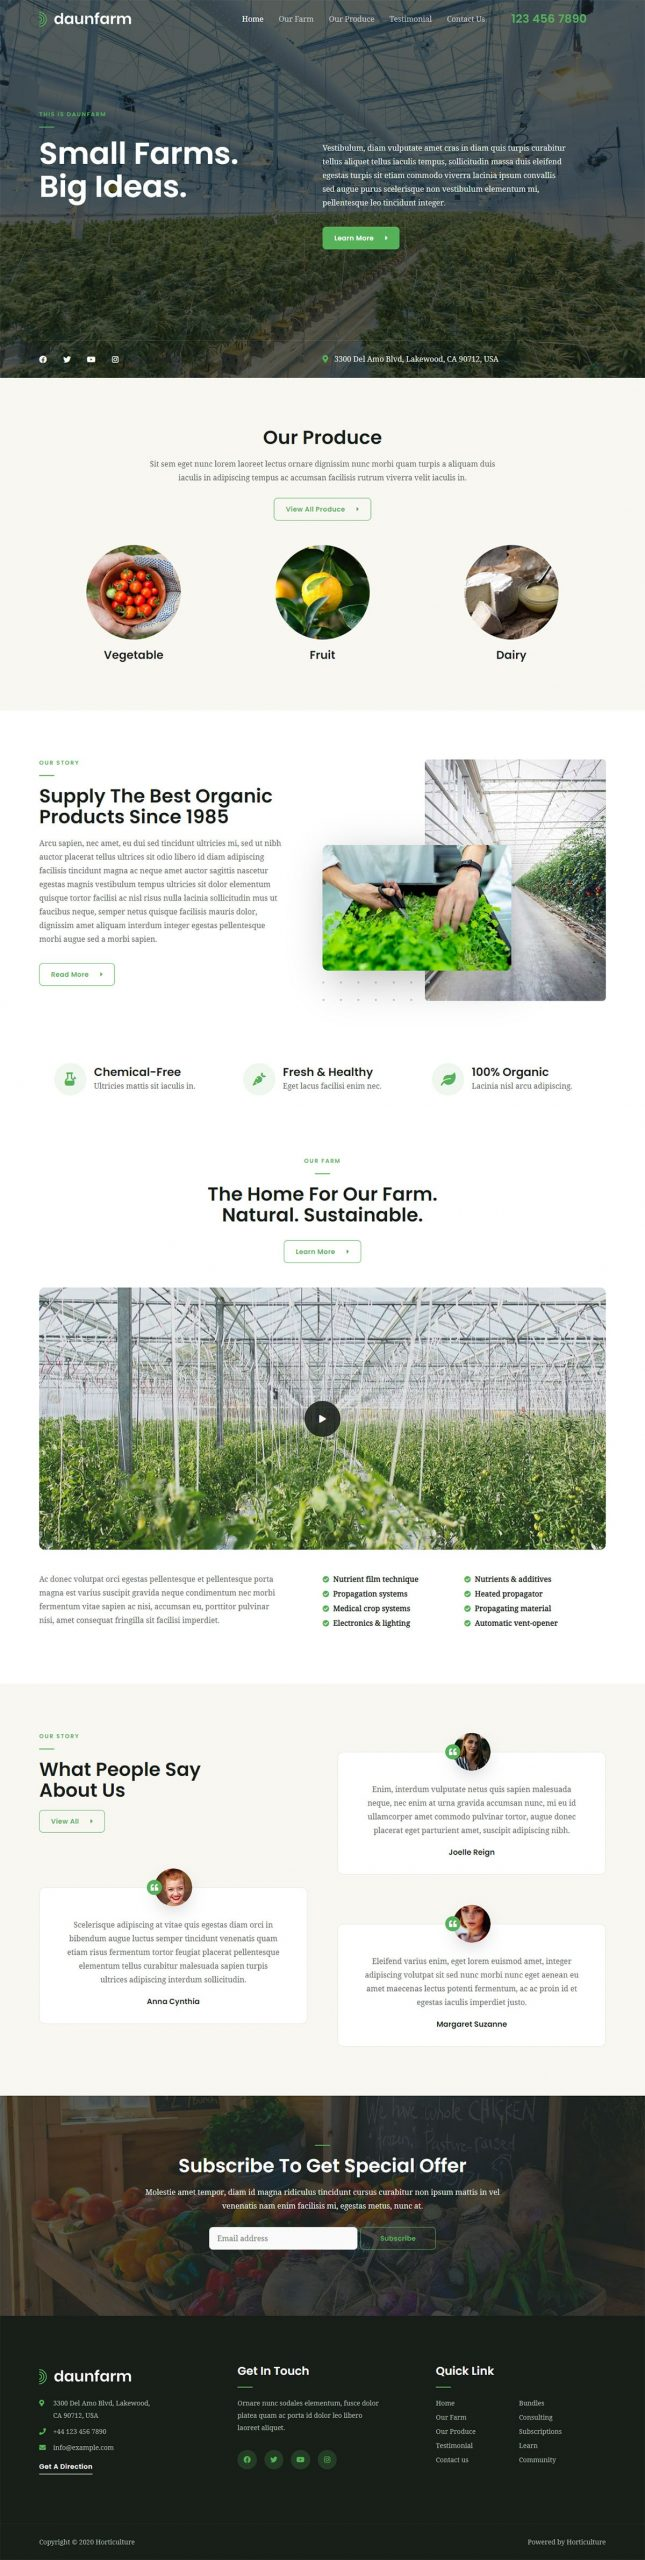 Adamo Web Design | Web Design Durham | horticulture 02 scaled